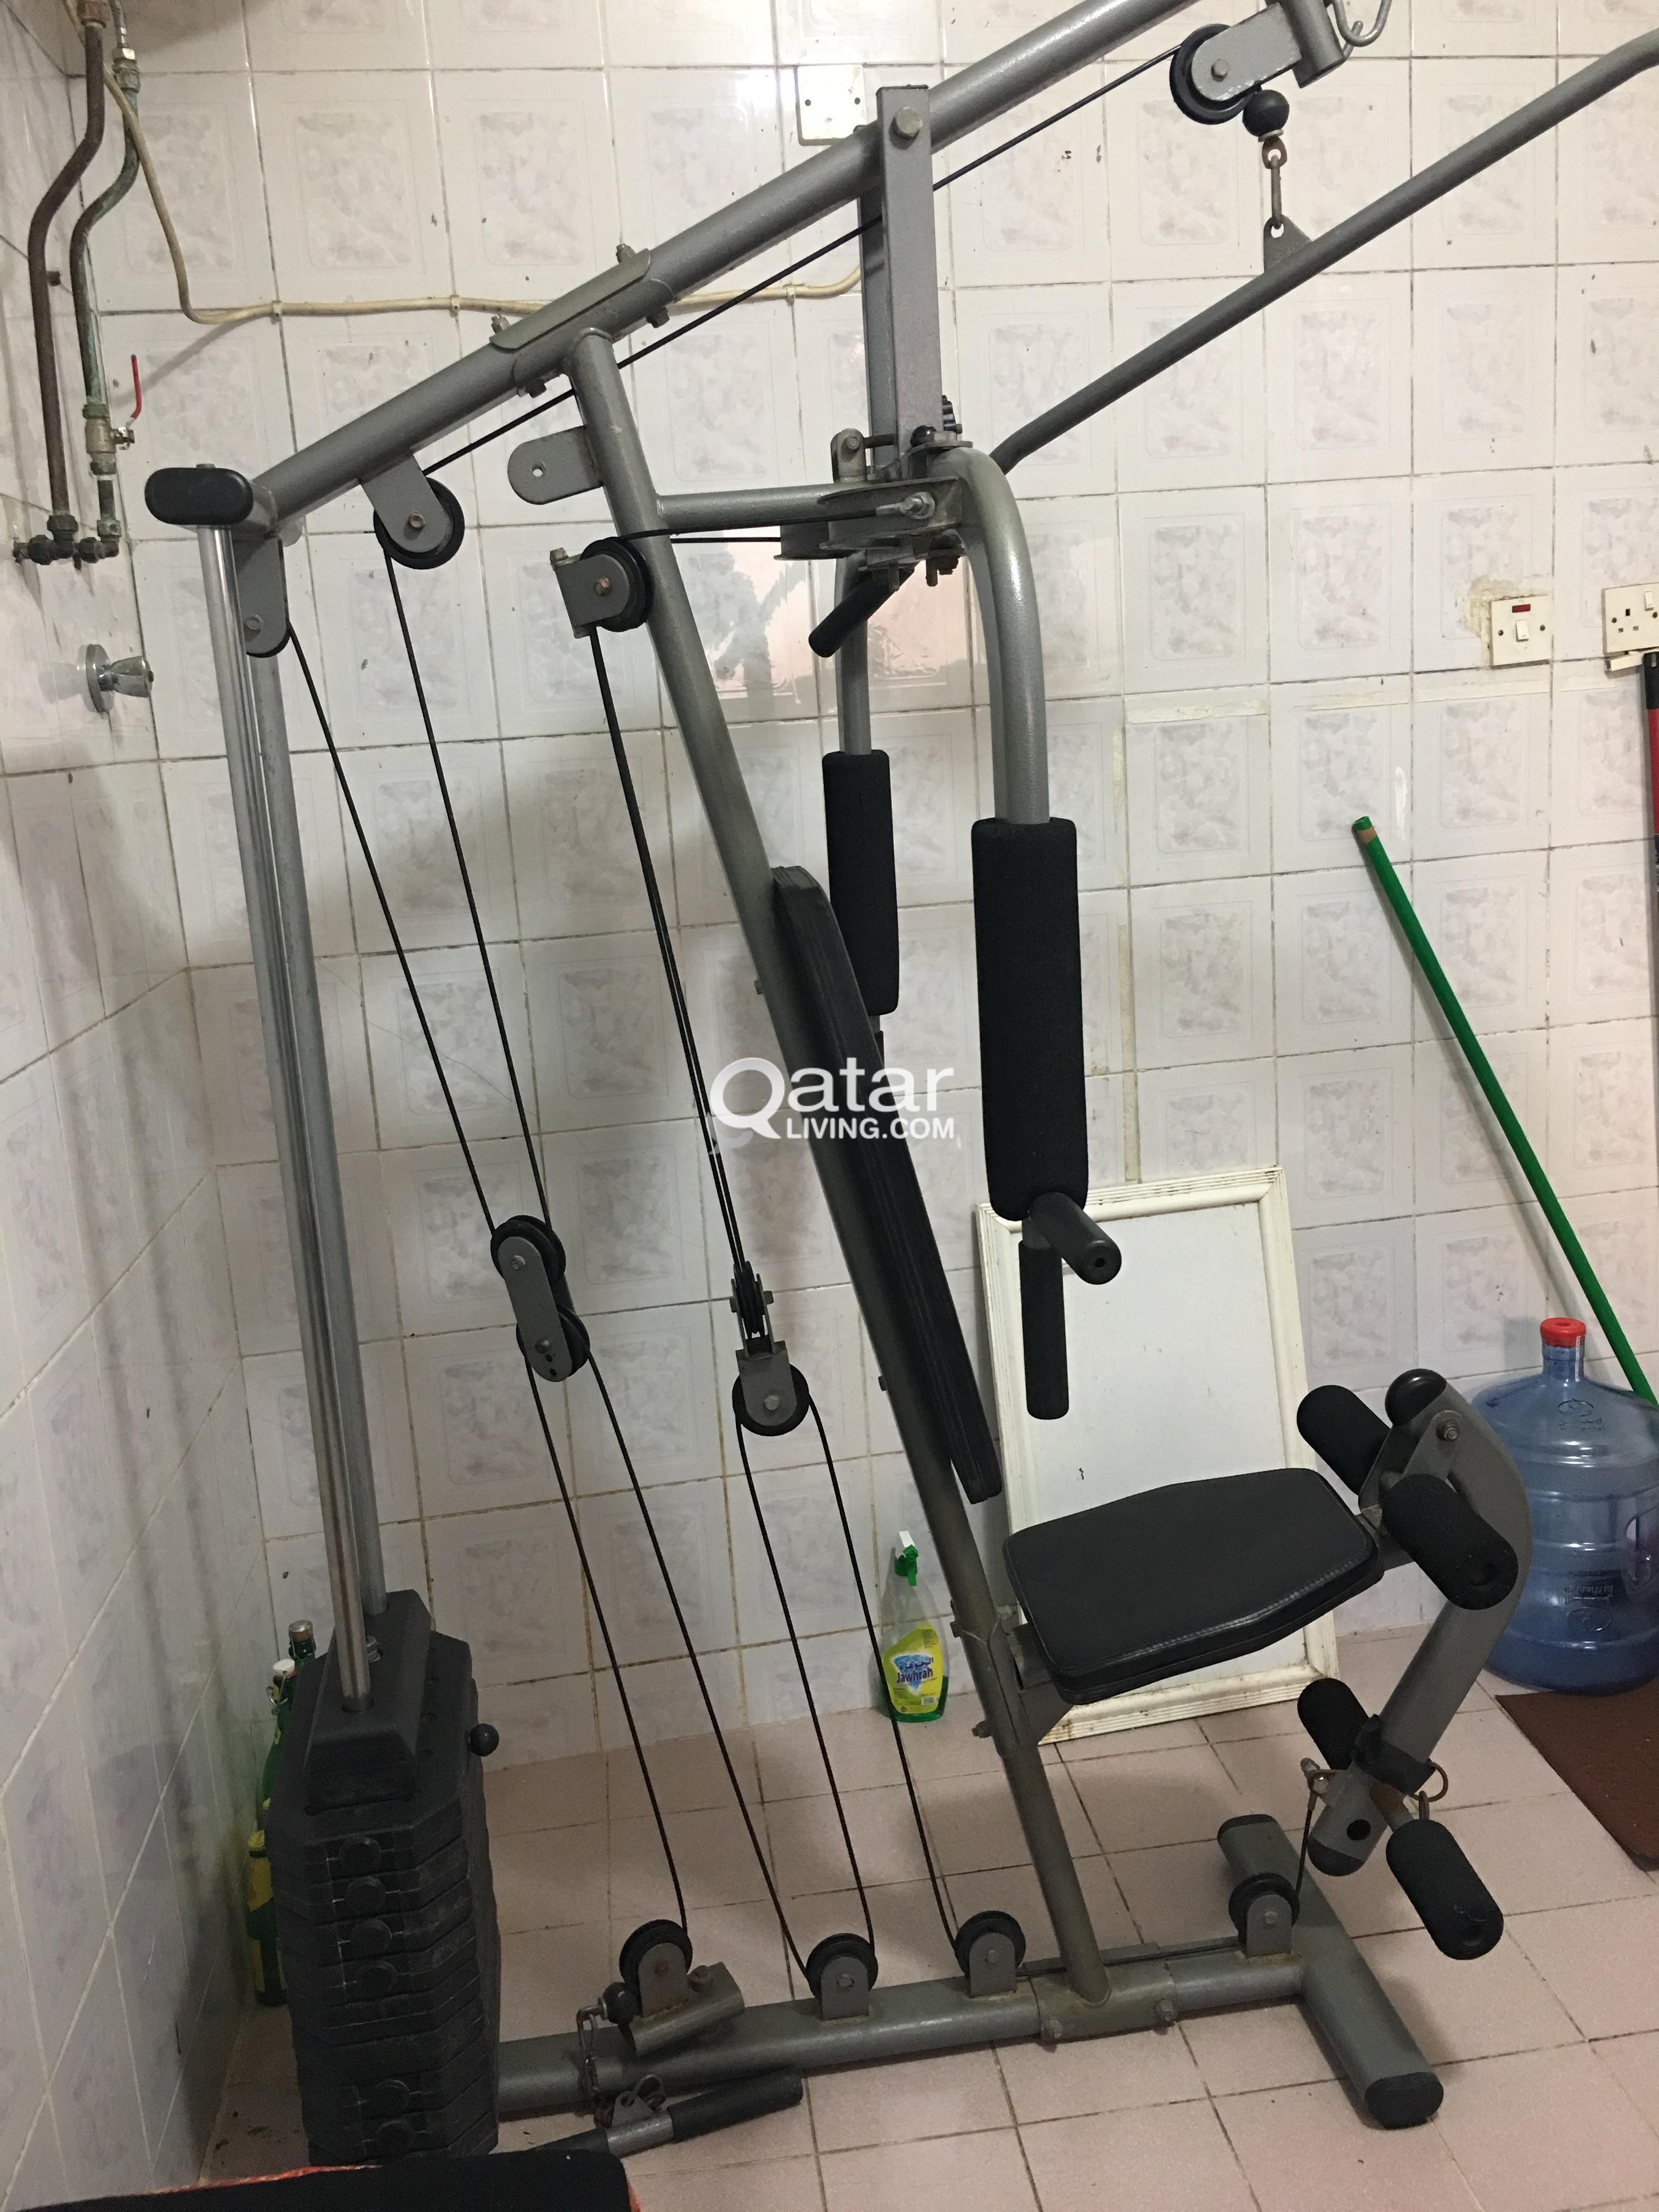 Jk exer home gym qatar living